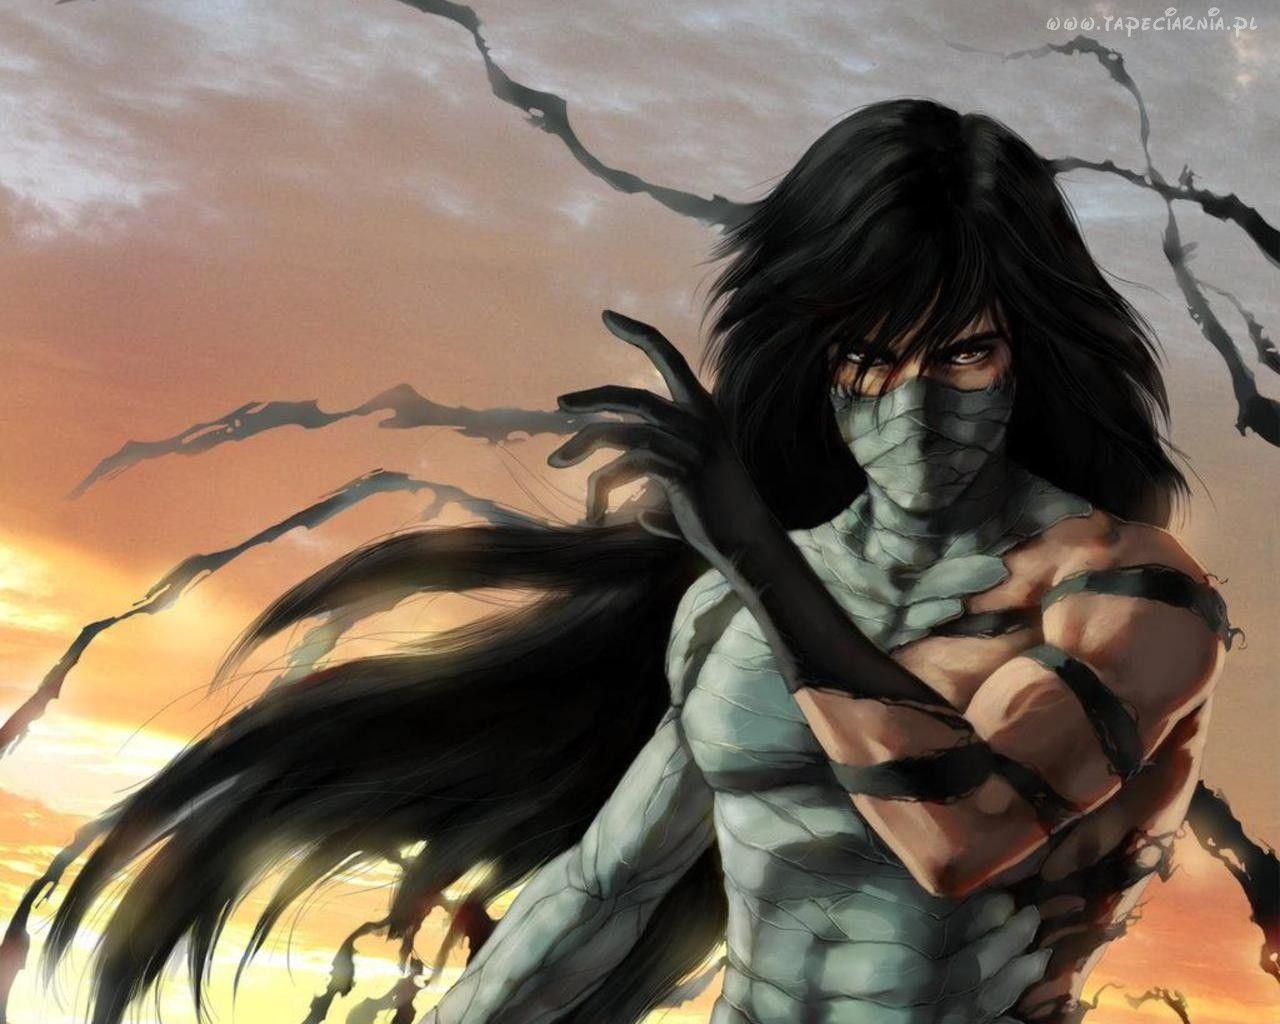 Ichigo Final Getsuga Tenshou Wallpaper